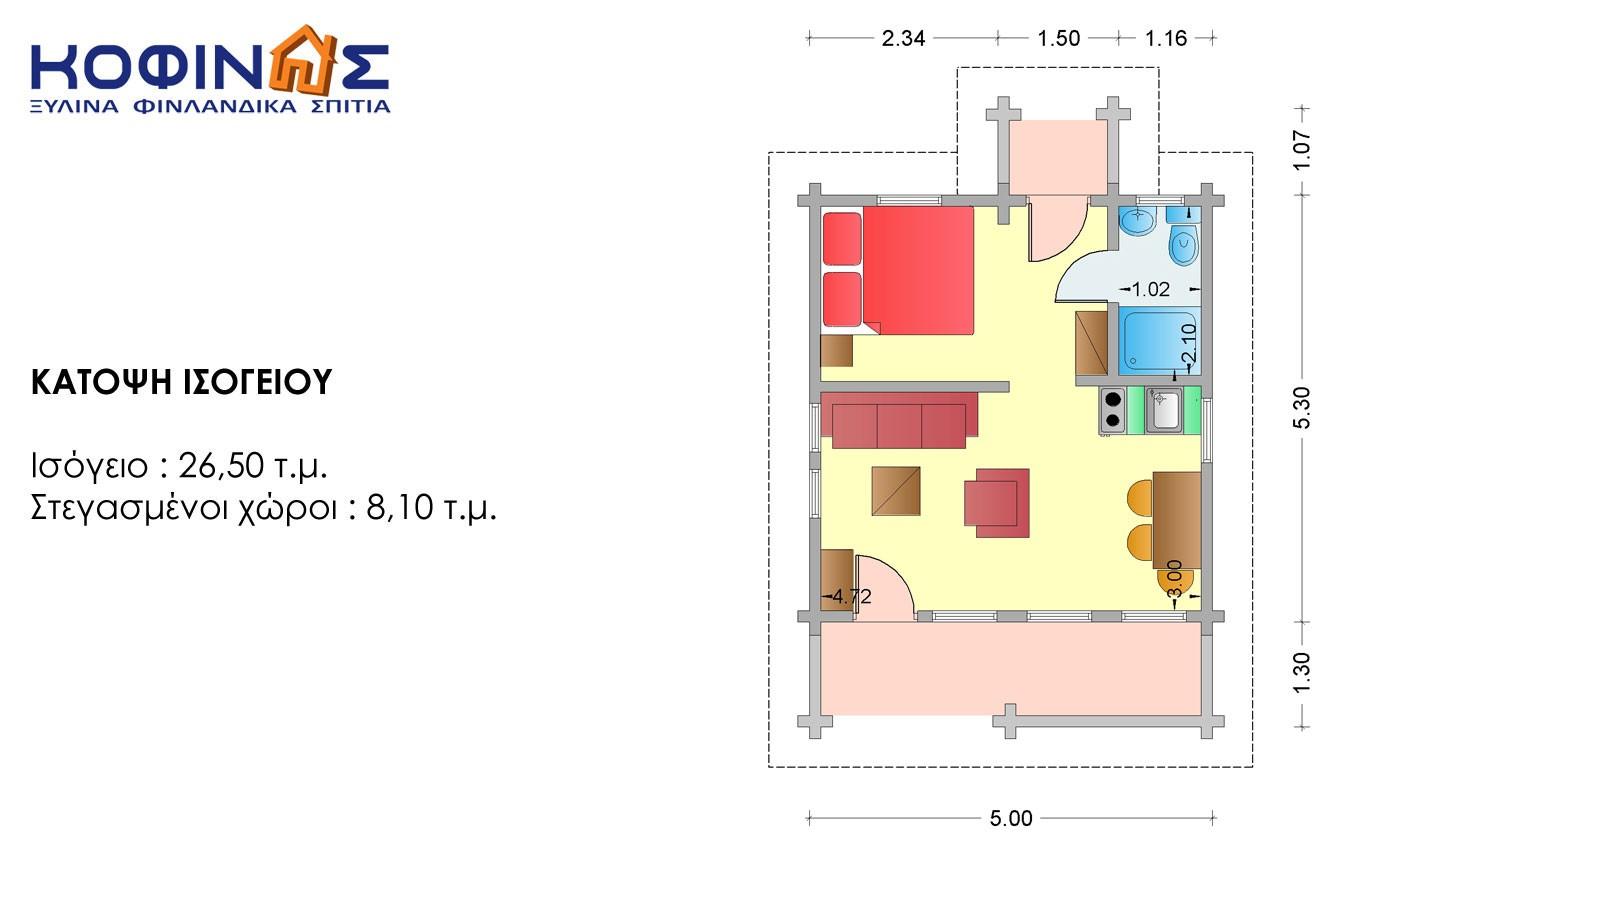 Ισόγεια Ξύλινη Κατοικία XI-26, συνολικής επιφάνειας 26,50 τ.μ.